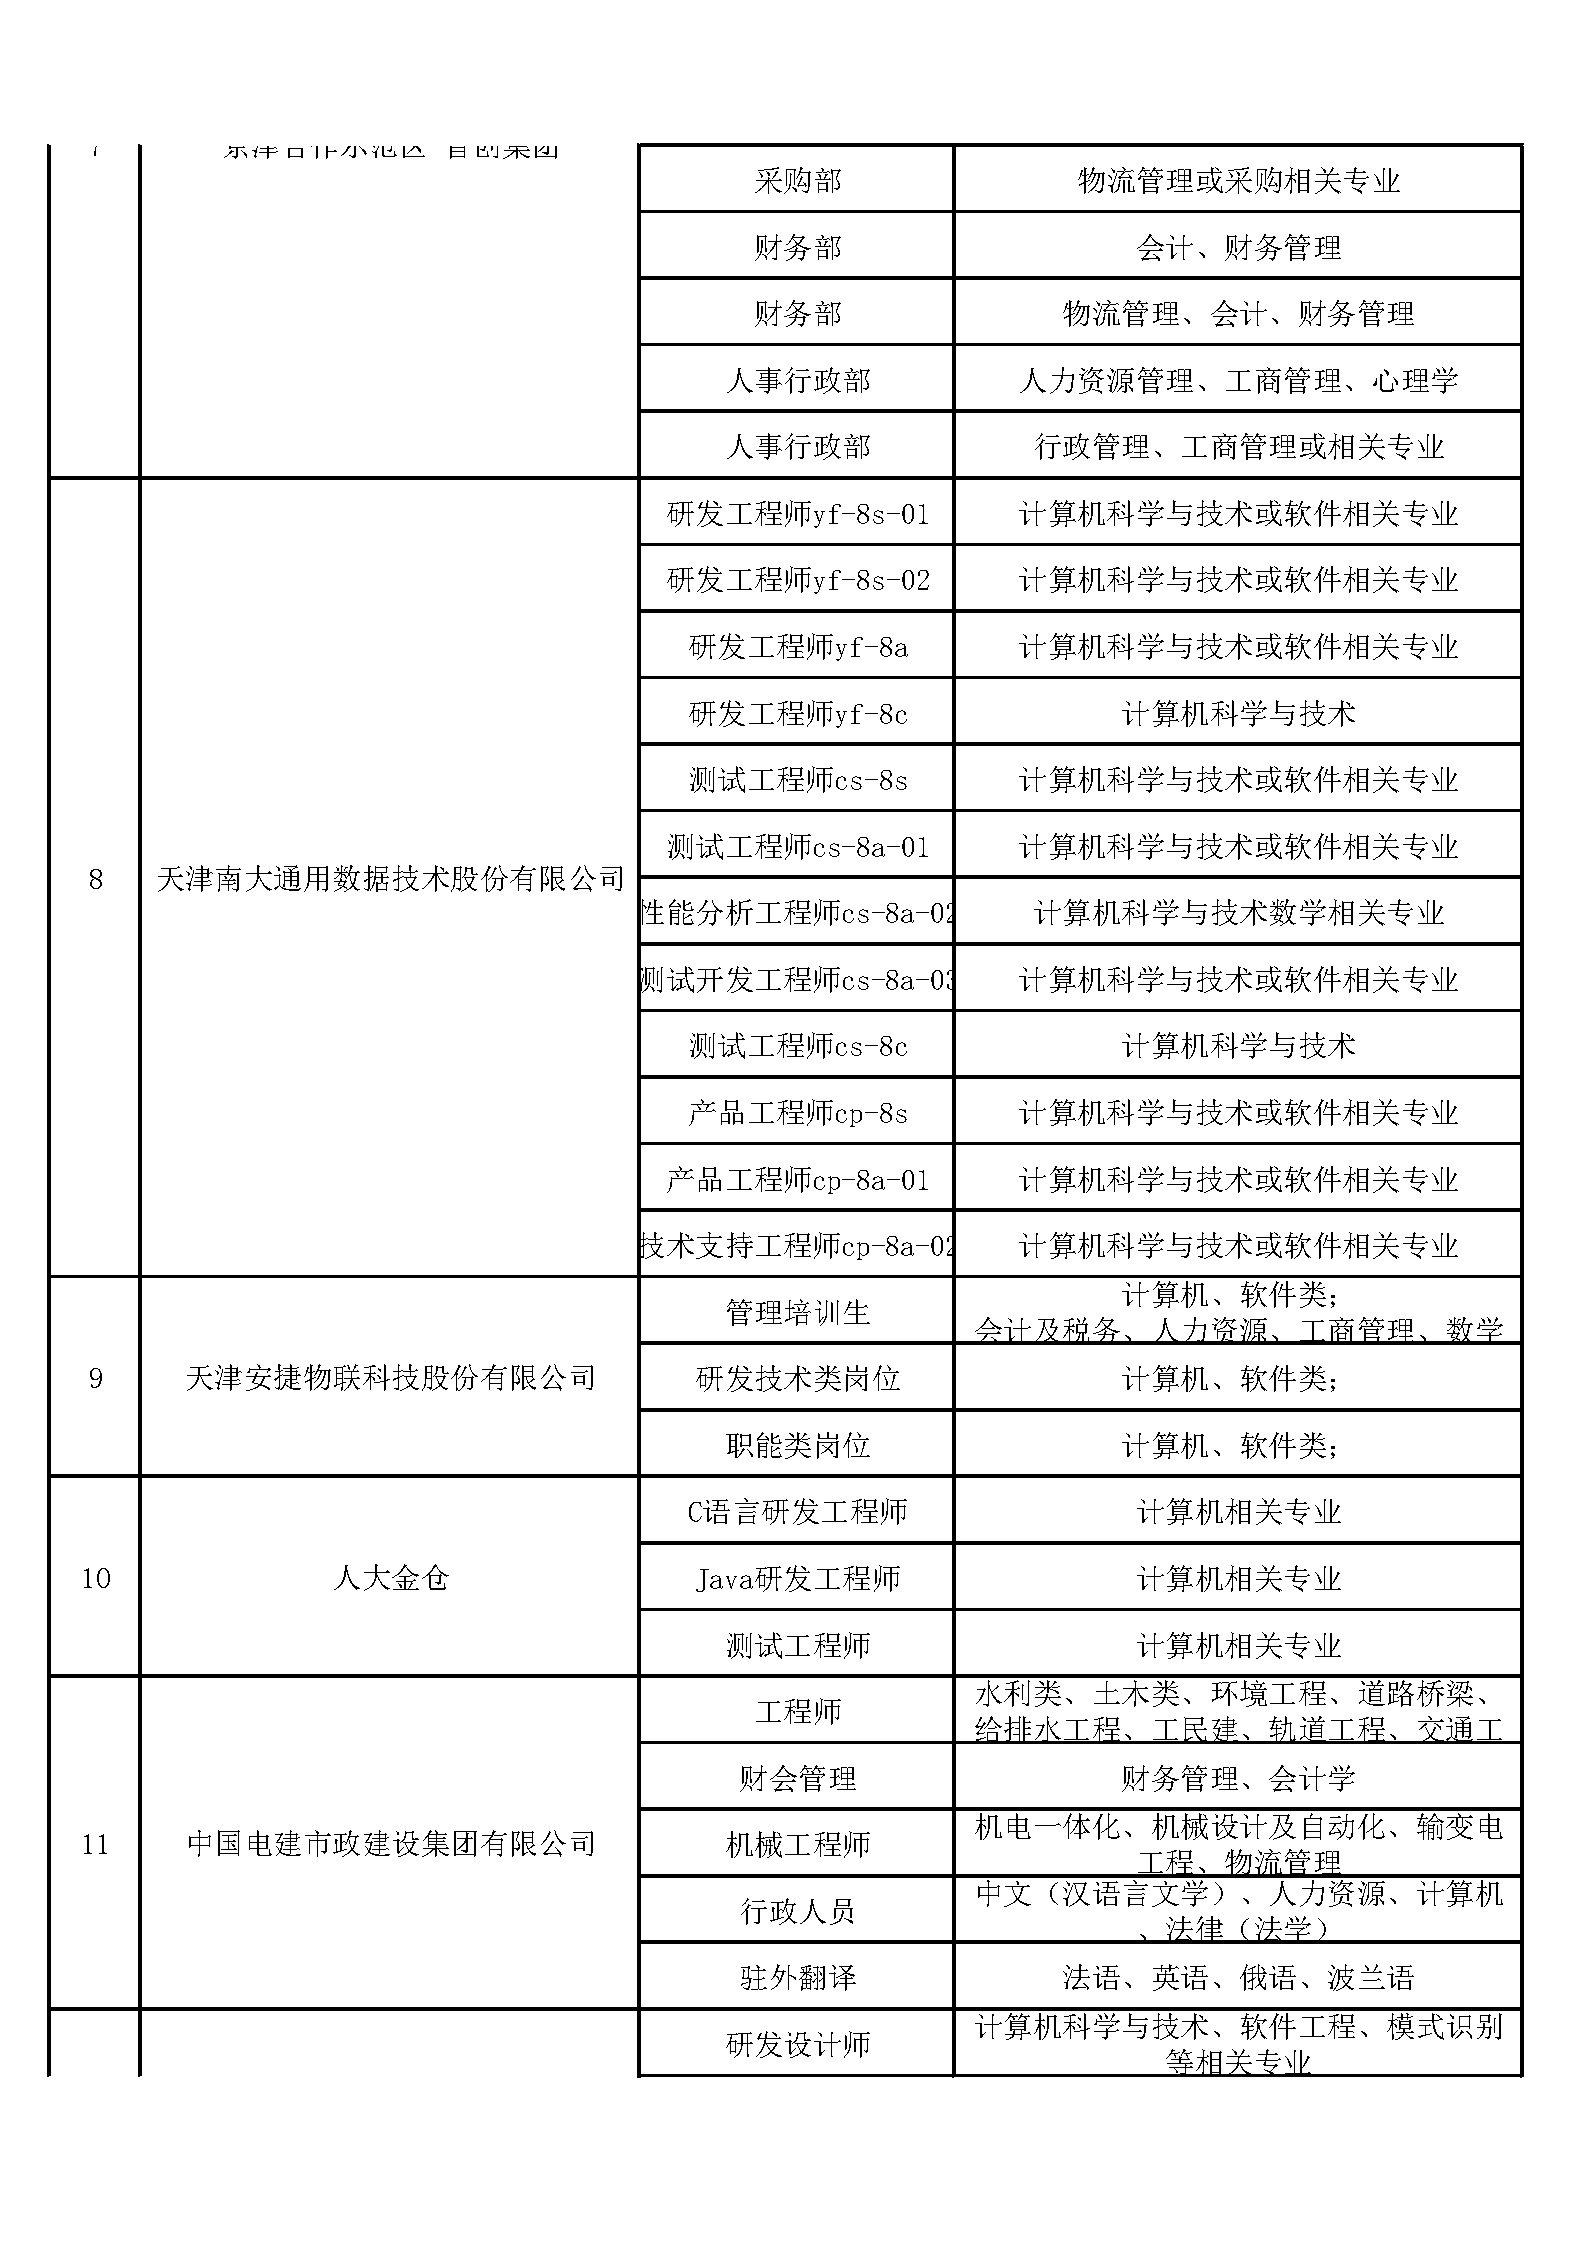 高新区报名企业汇总表_Page2.jpg